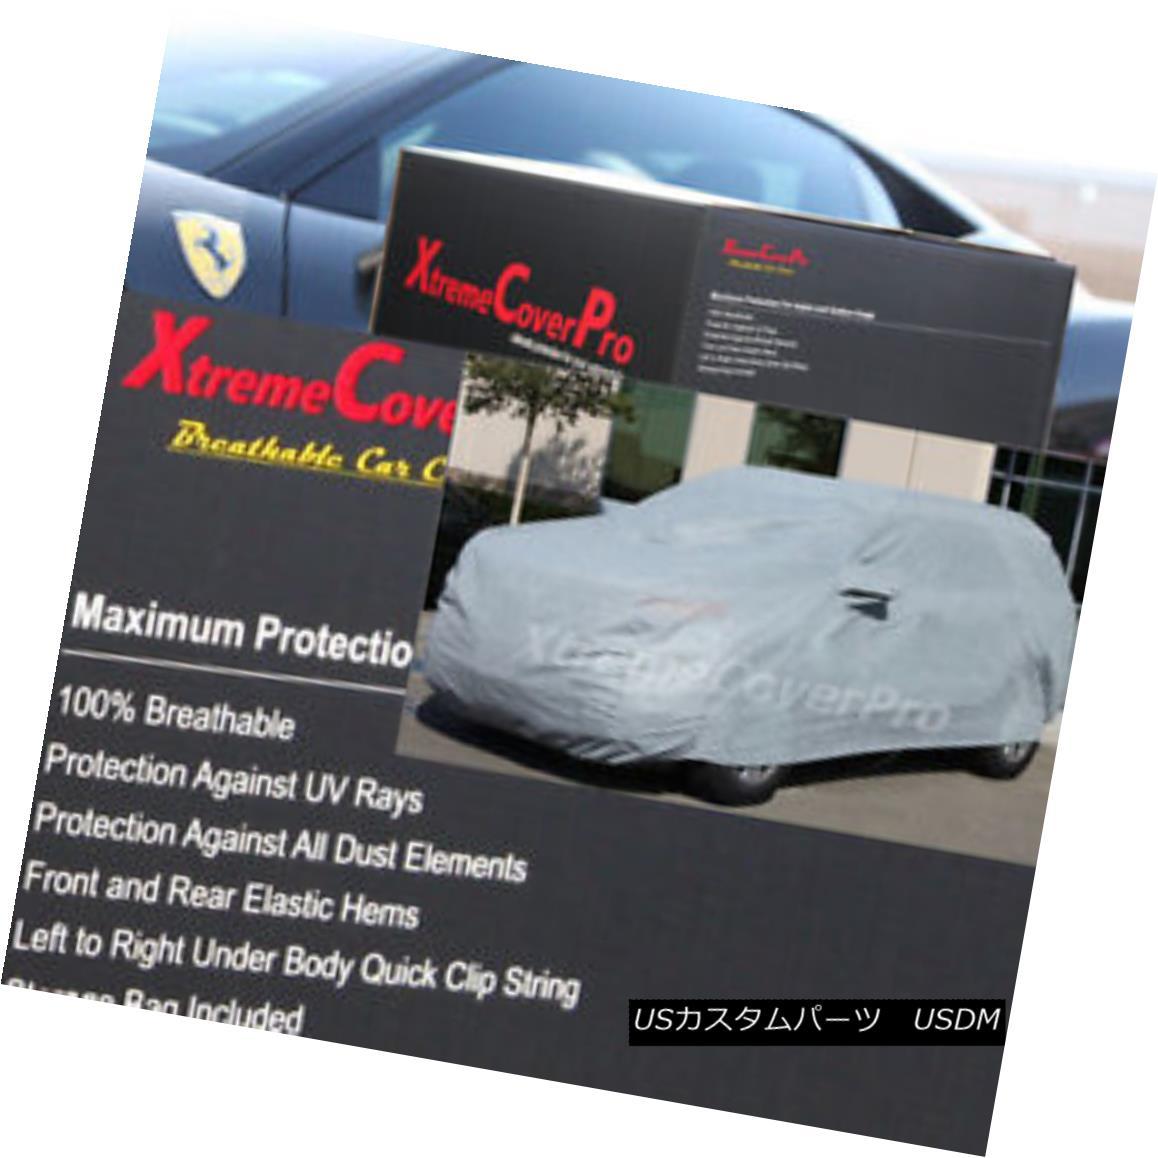 カーカバー 2014 Lincoln NAVIGATOR Breathable Car Cover w/ Mirror Pocket 2014年のリンカーンナビゲータ通気性の車カバー(ミラーポケット付)